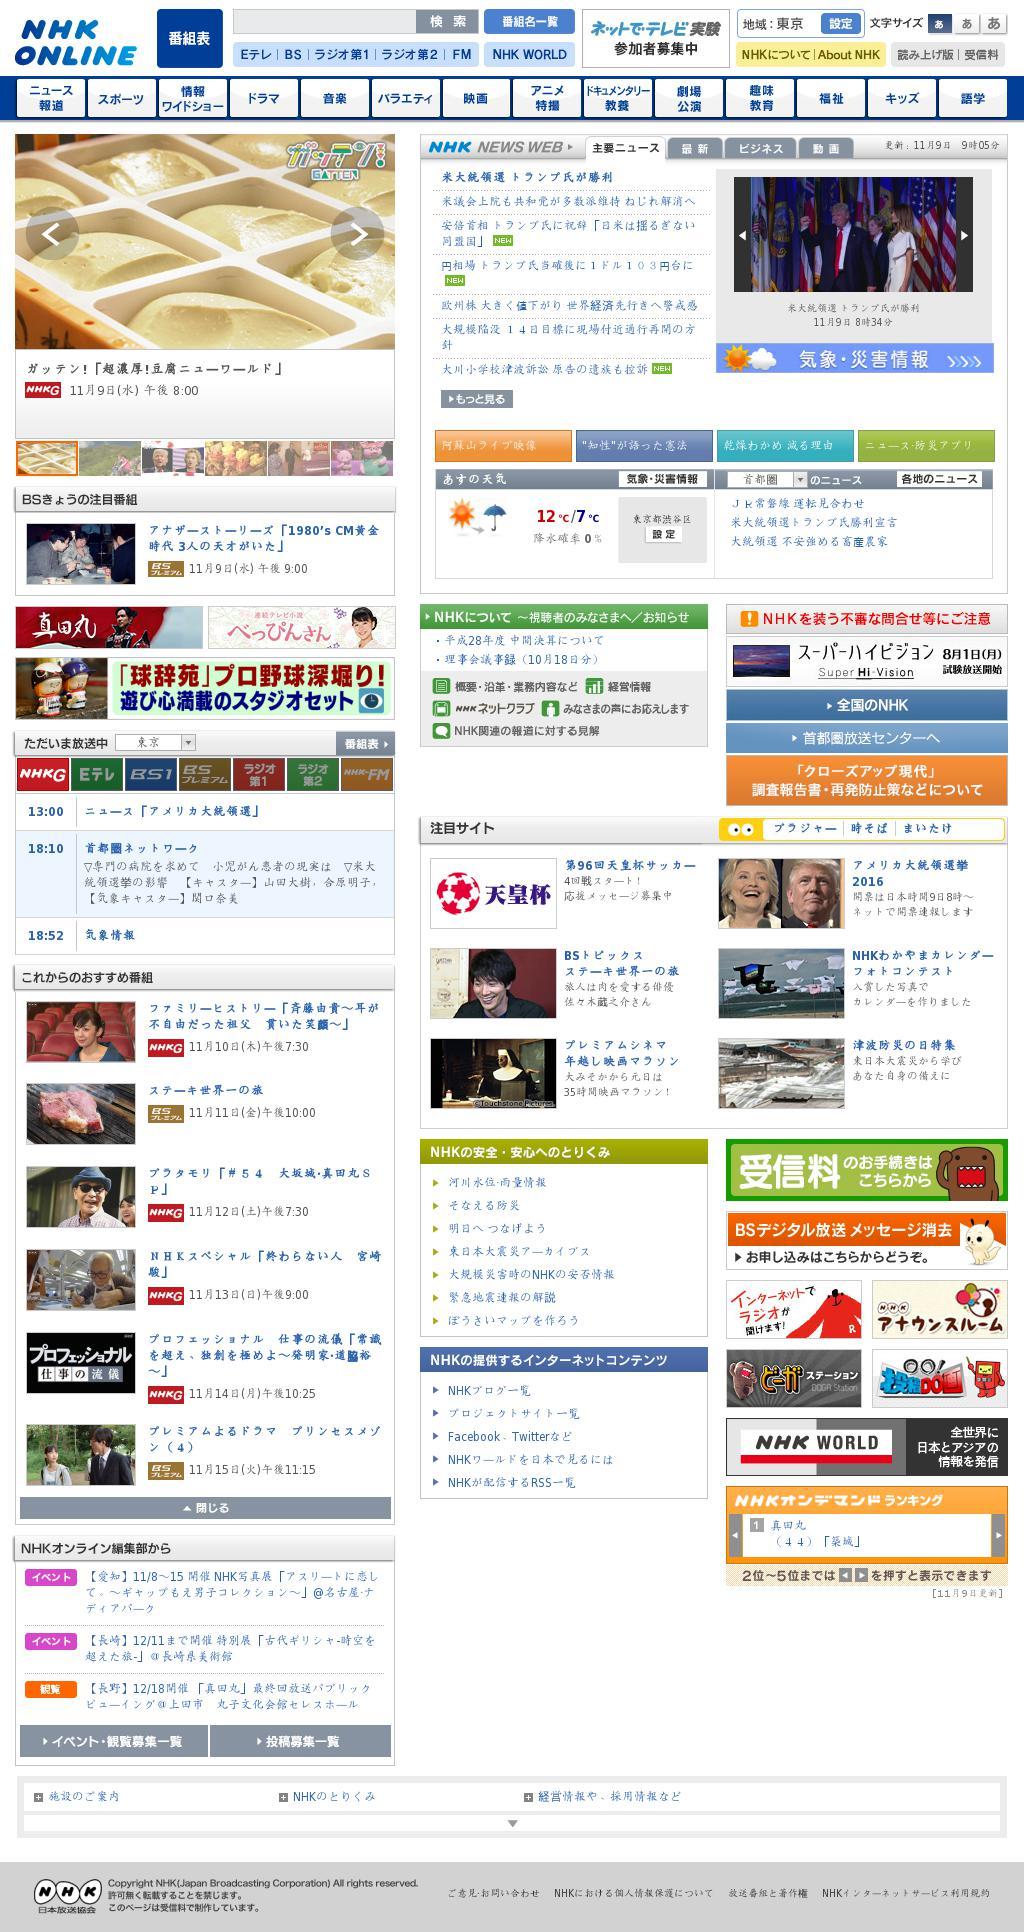 NHK Online at Wednesday Nov. 9, 2016, 9:13 a.m. UTC